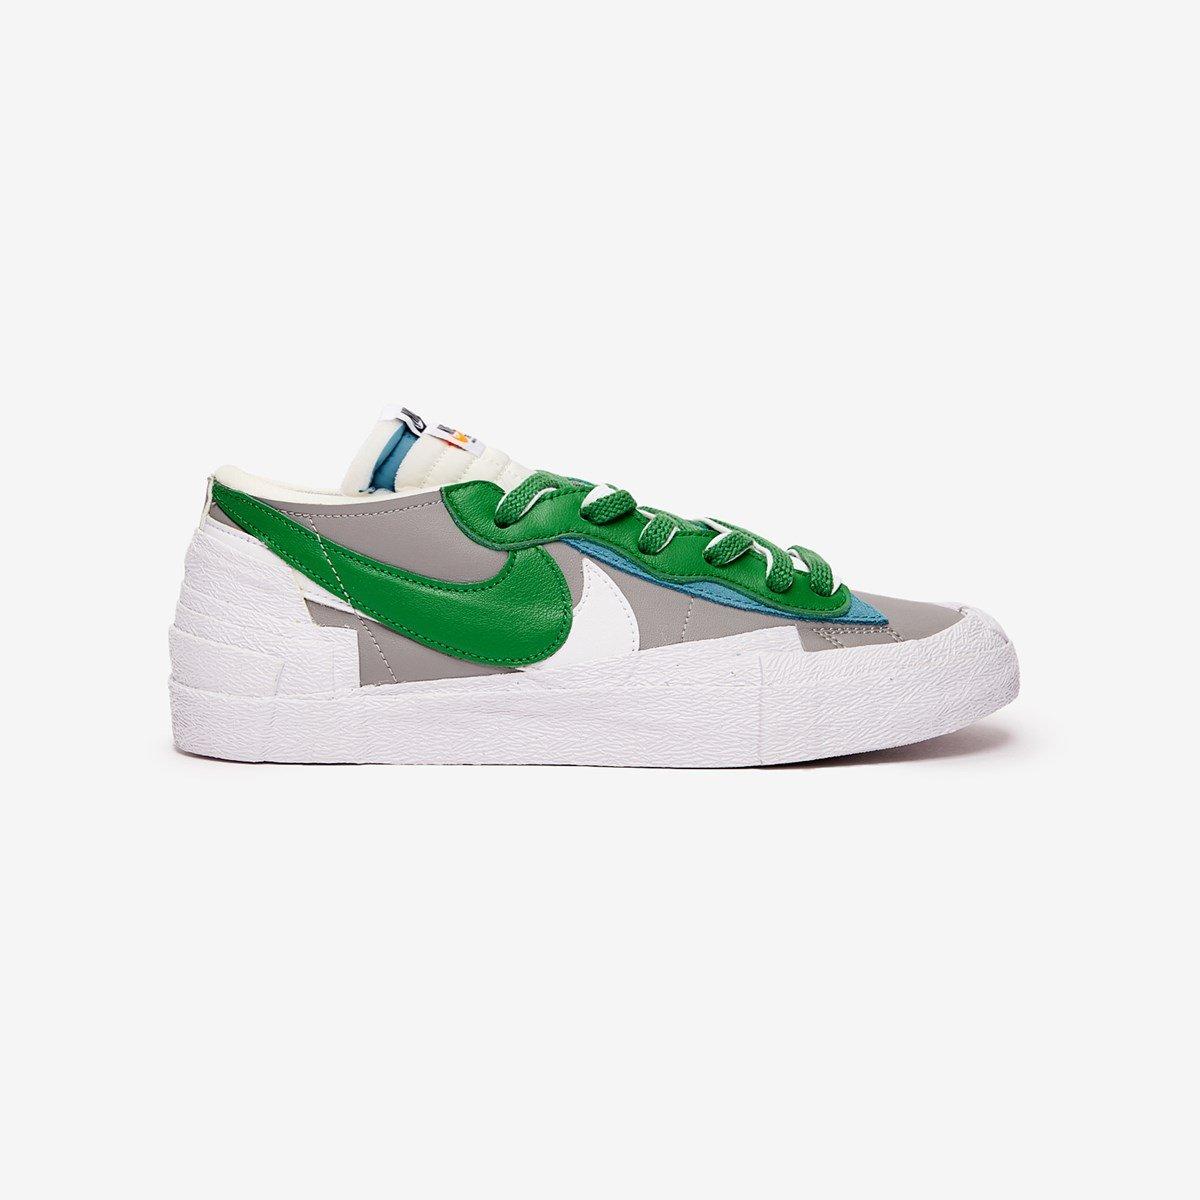 Sacai x Nike Blazer Low 'Classic Green'}